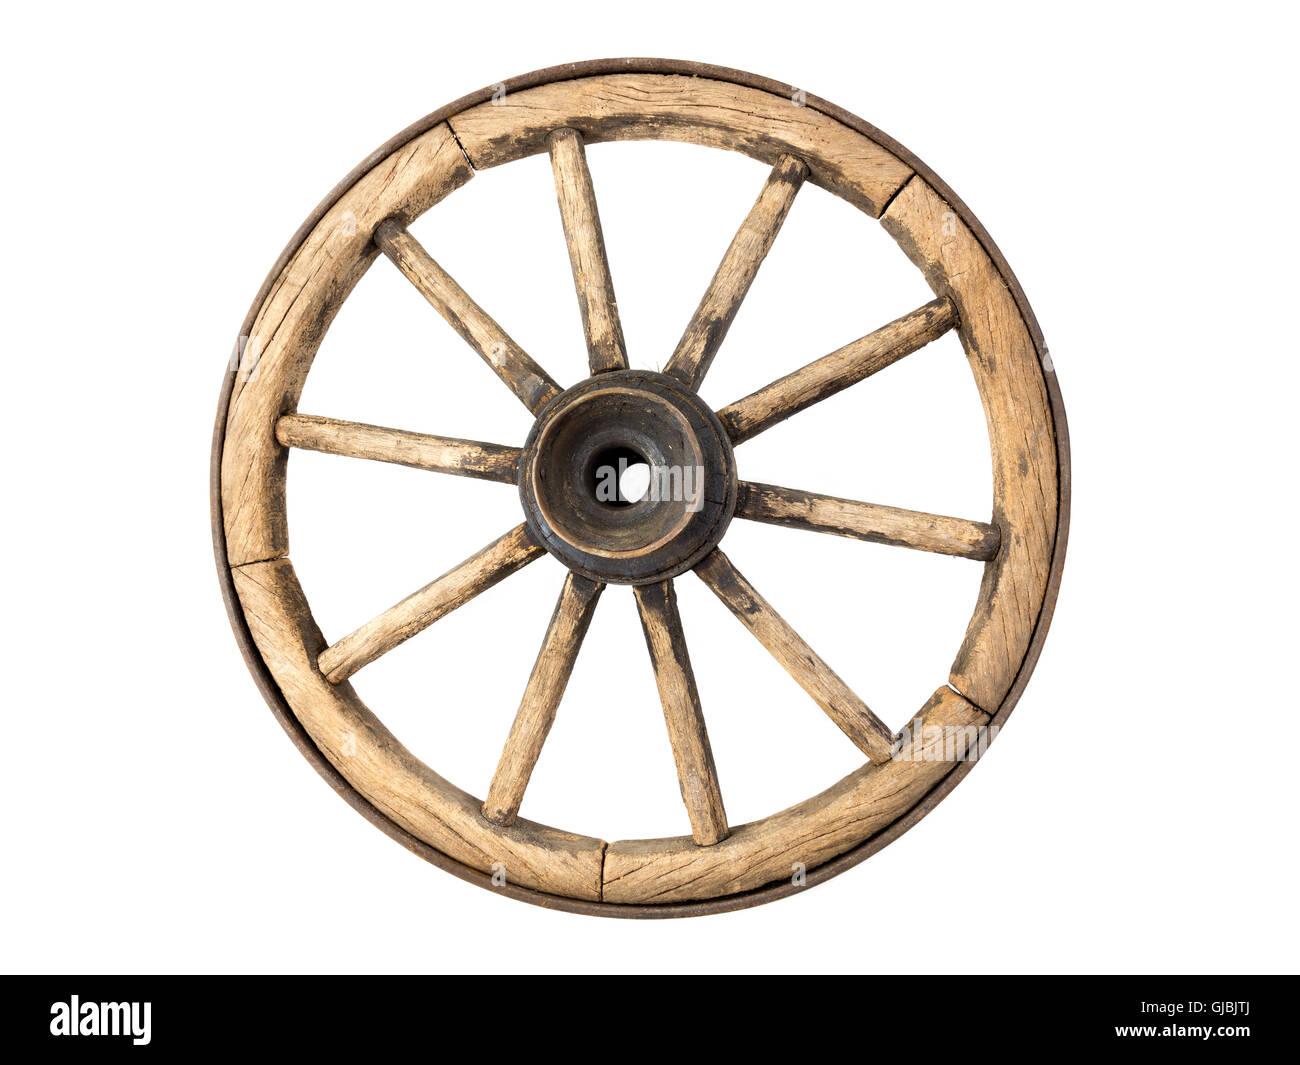 Alte hölzerne Wagenrad isoliert auf weißem Hintergrund Stockbild